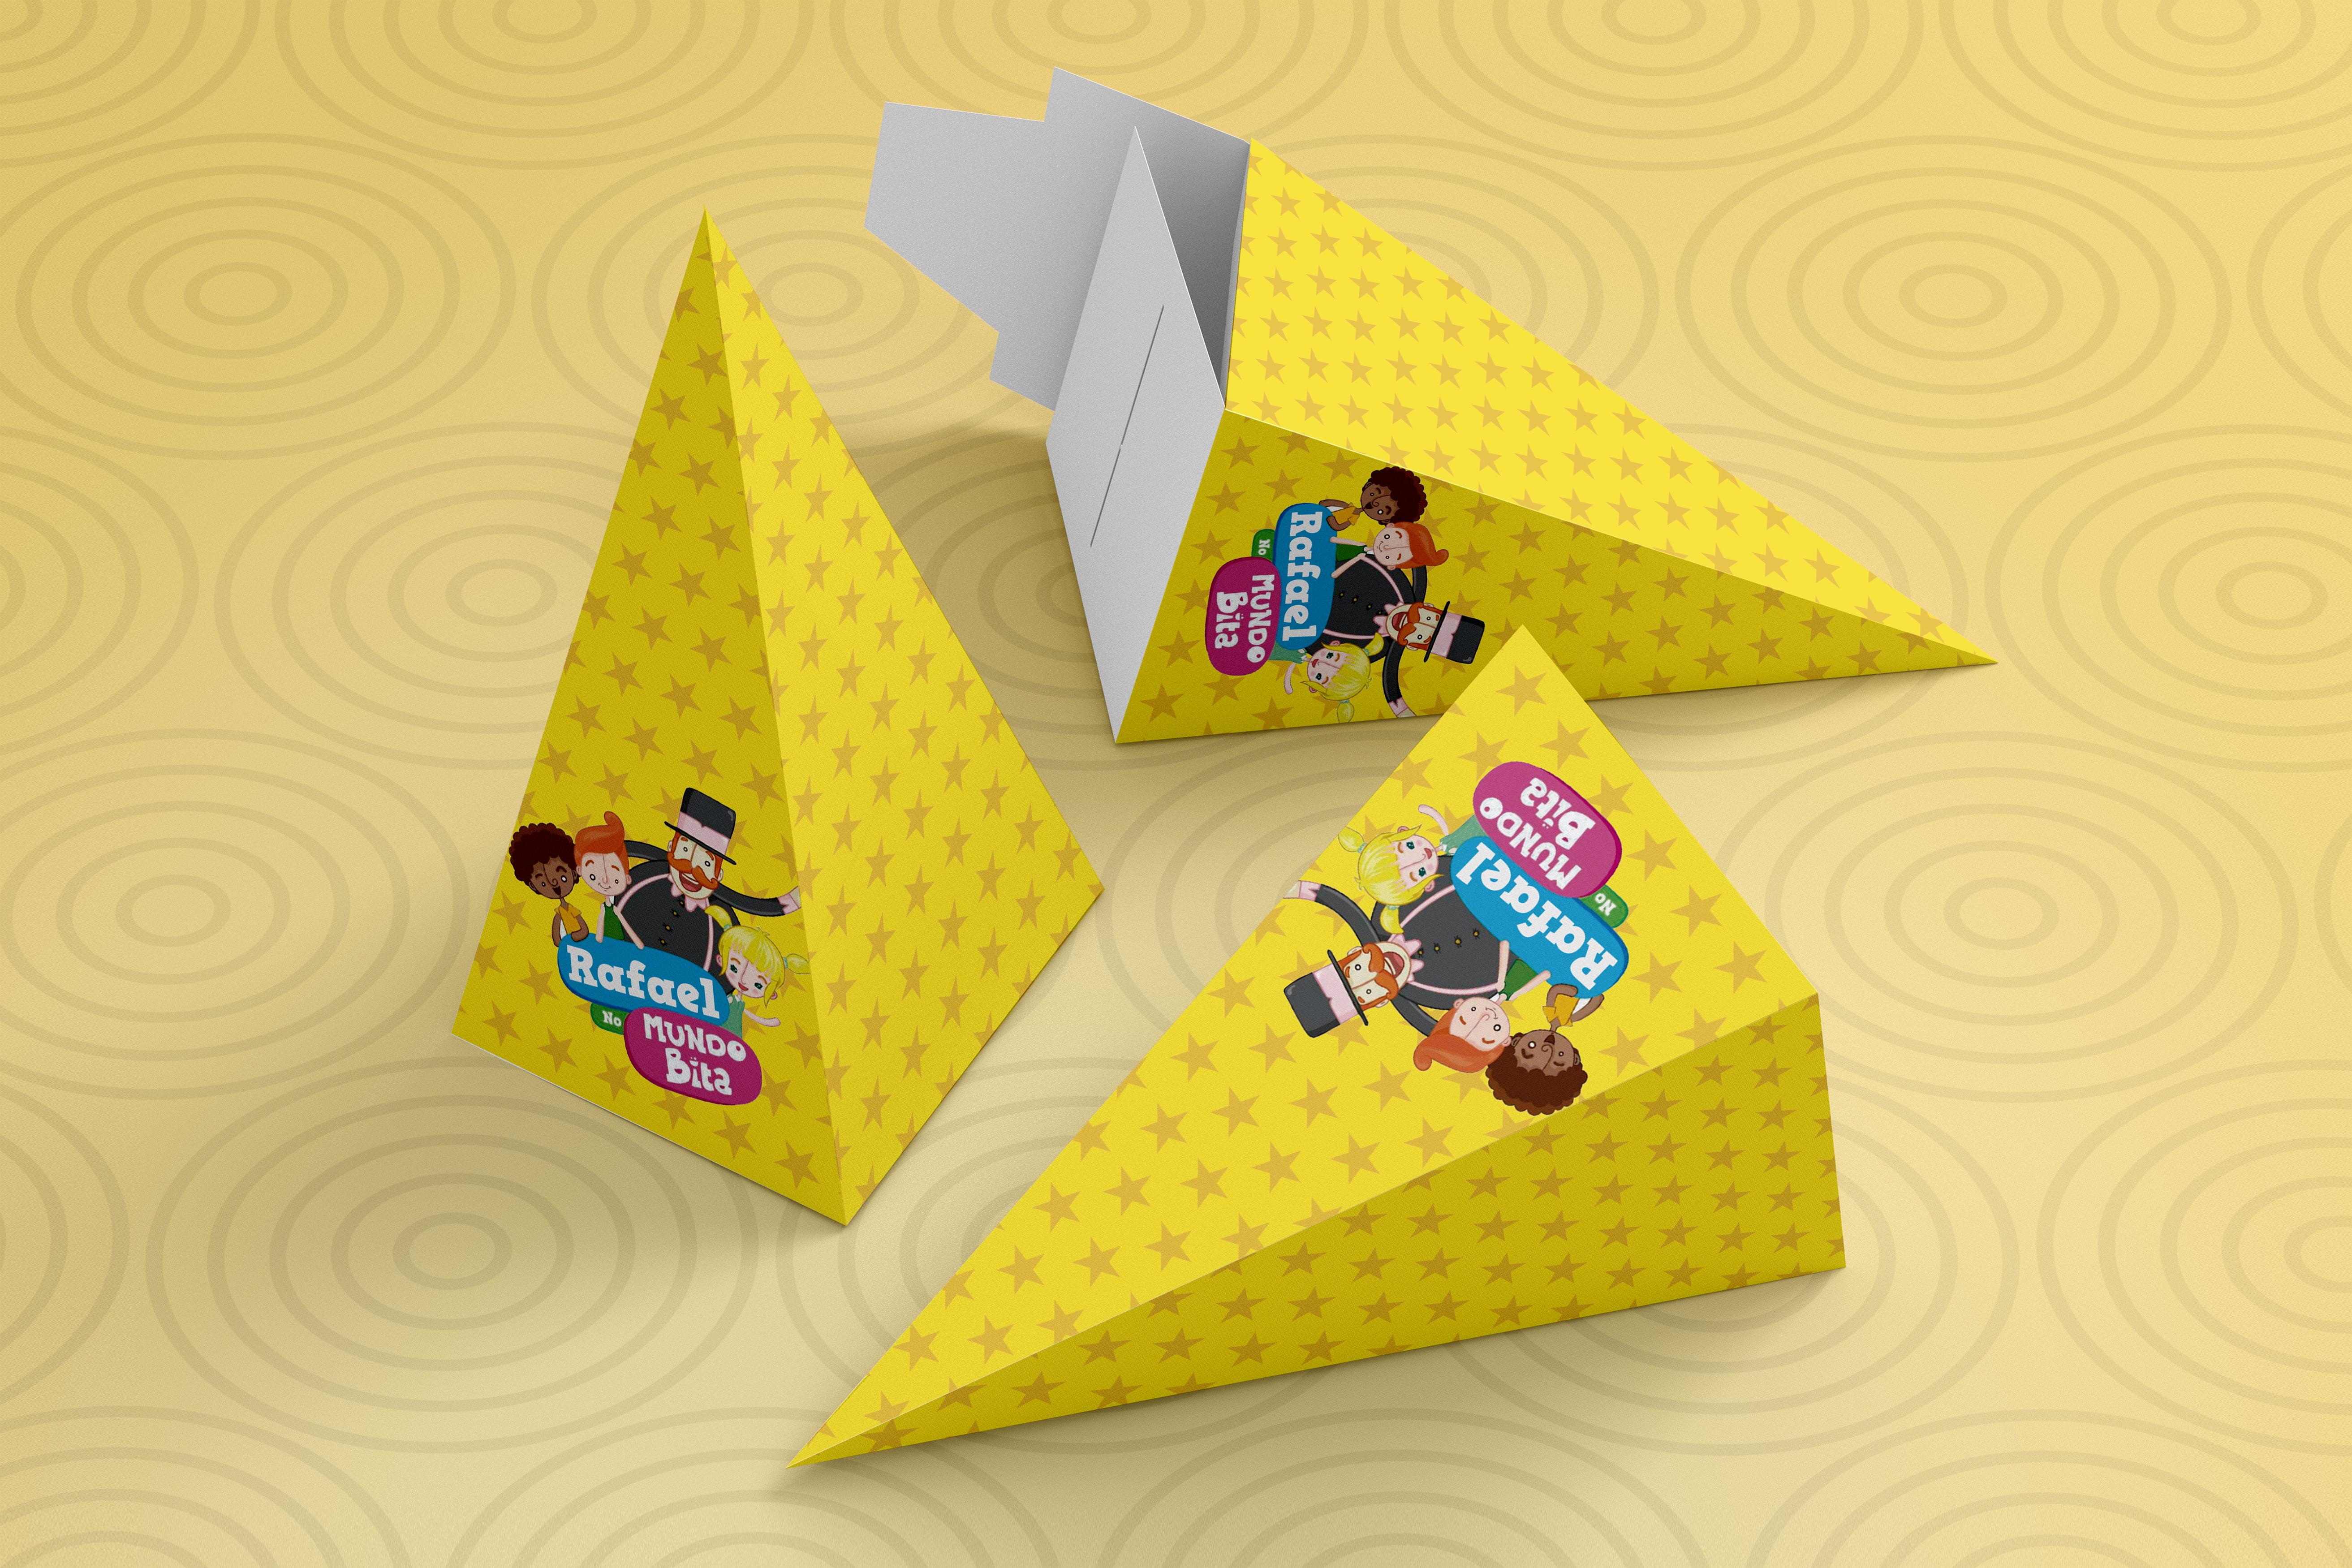 Caixa Cone Mundo Bita Para Imprimir E Montar Em Casa No Elo7